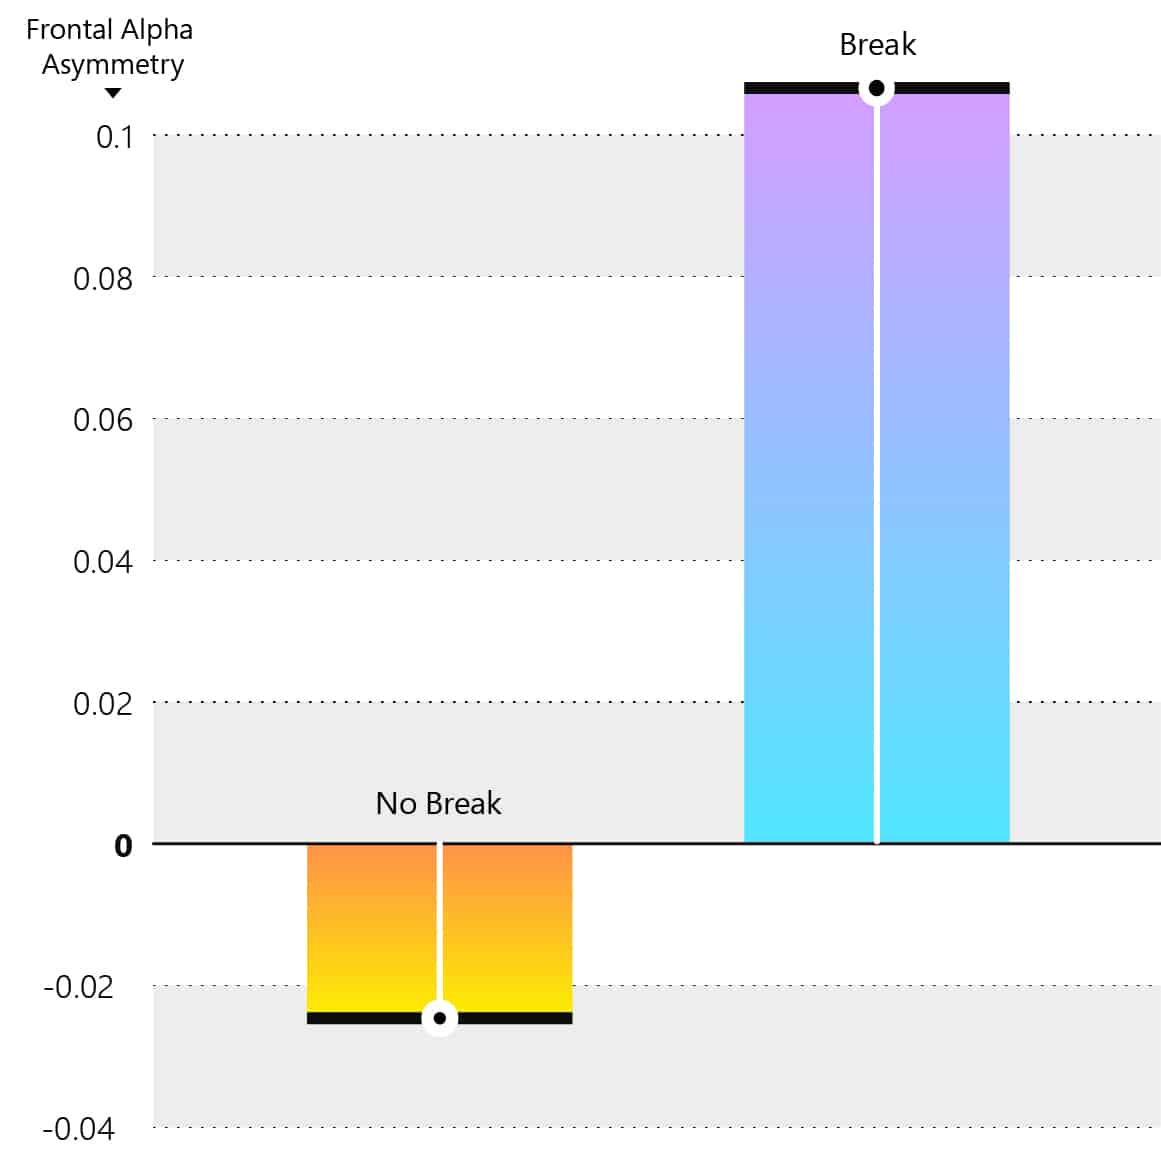 Как перерывы влияют на уровни фронтальной альфа-асимметрии